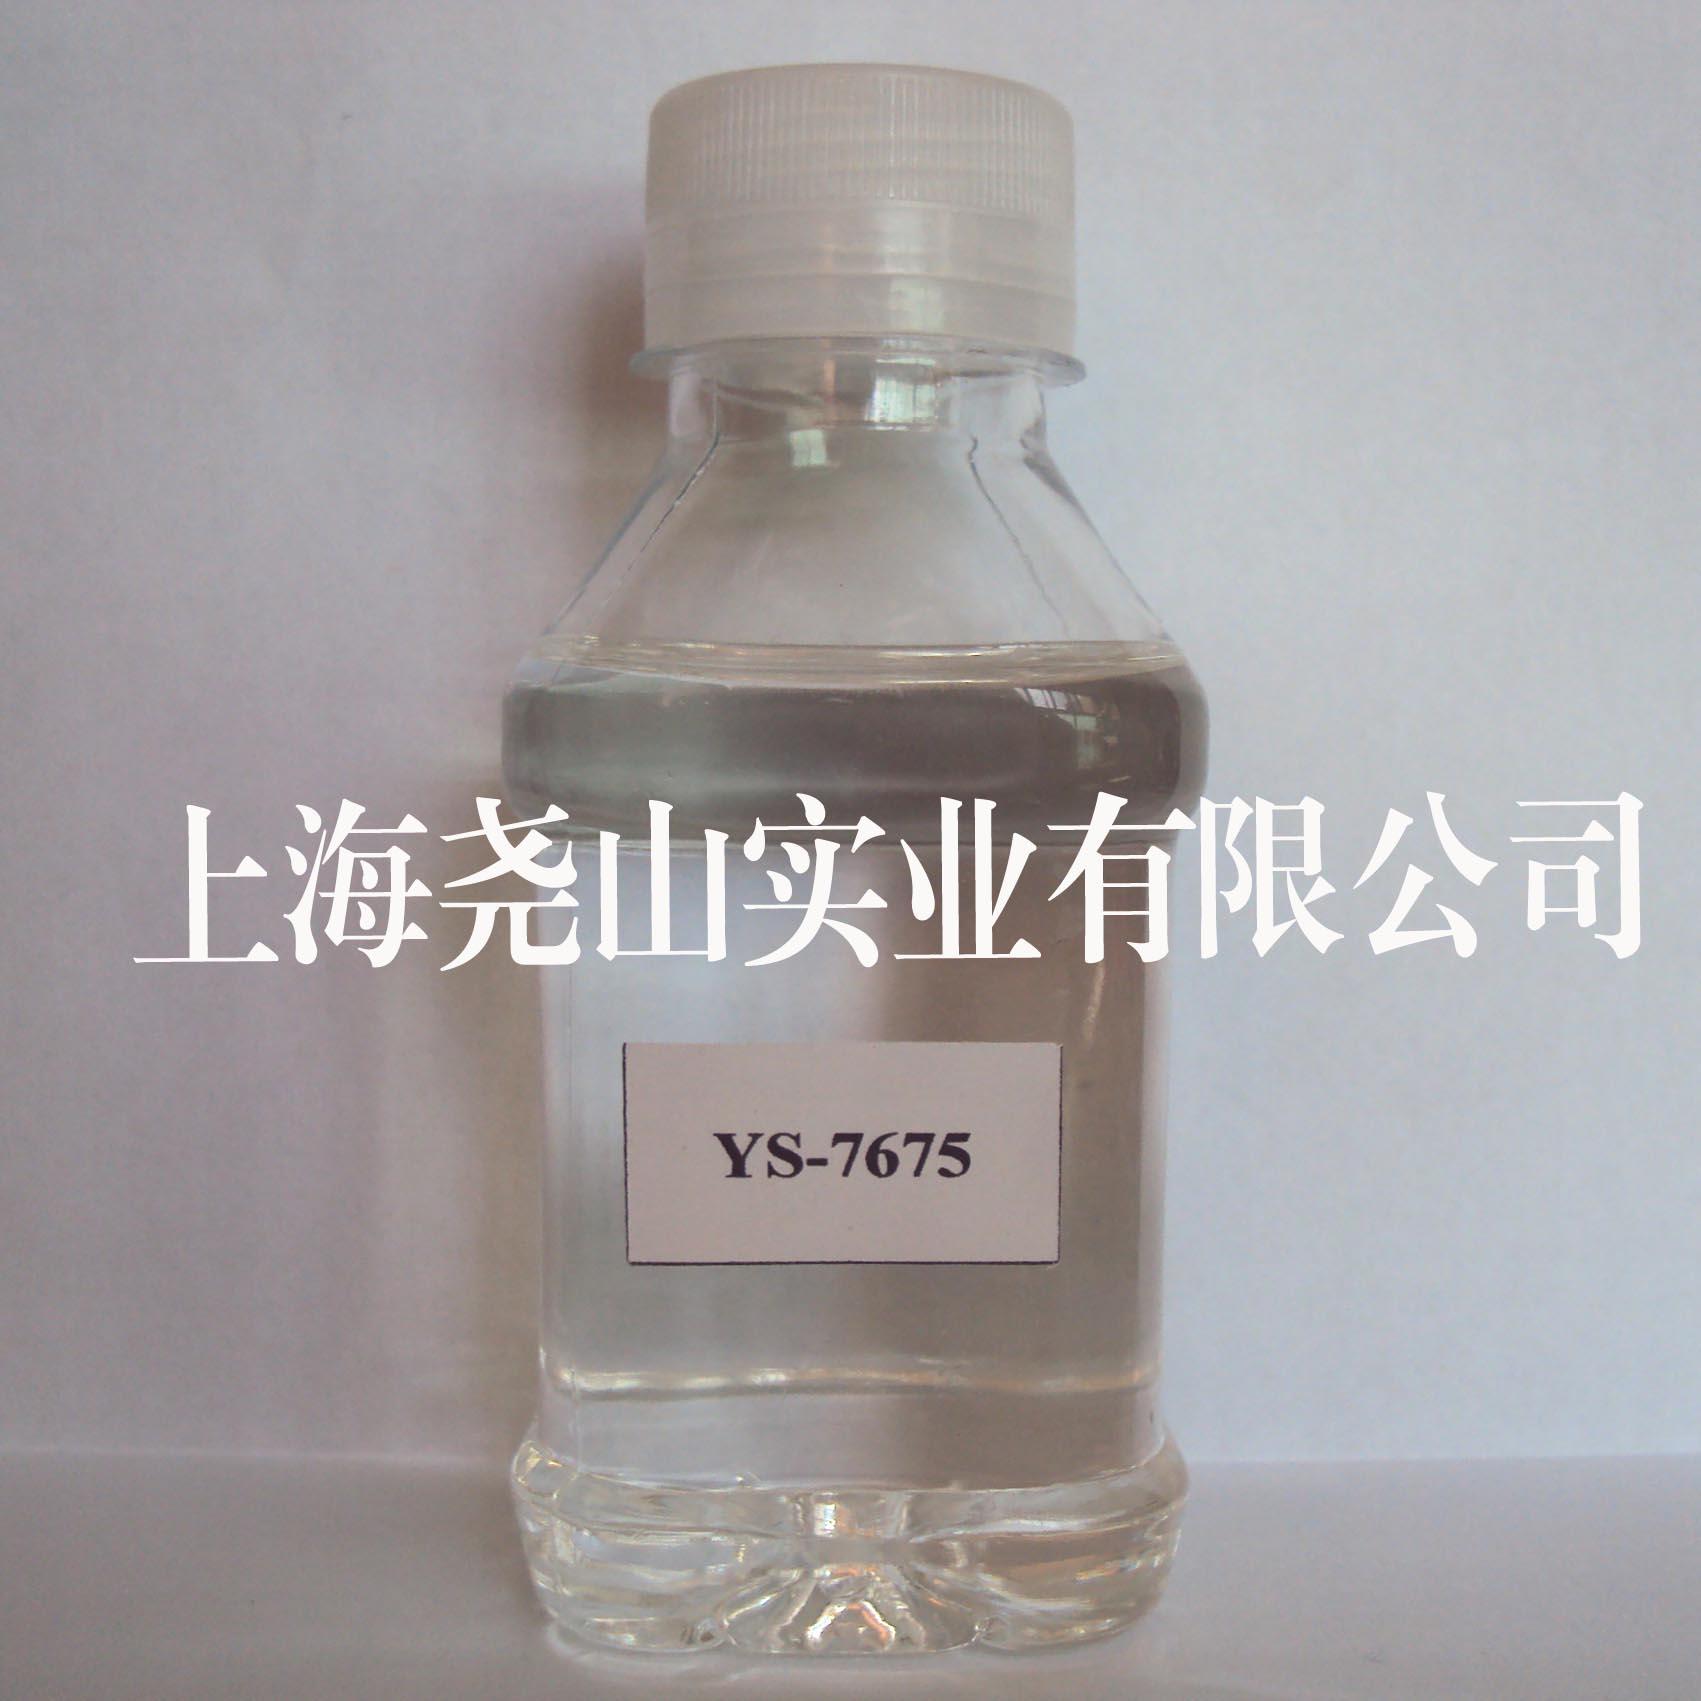 聚氨酯固化剂YS-7675